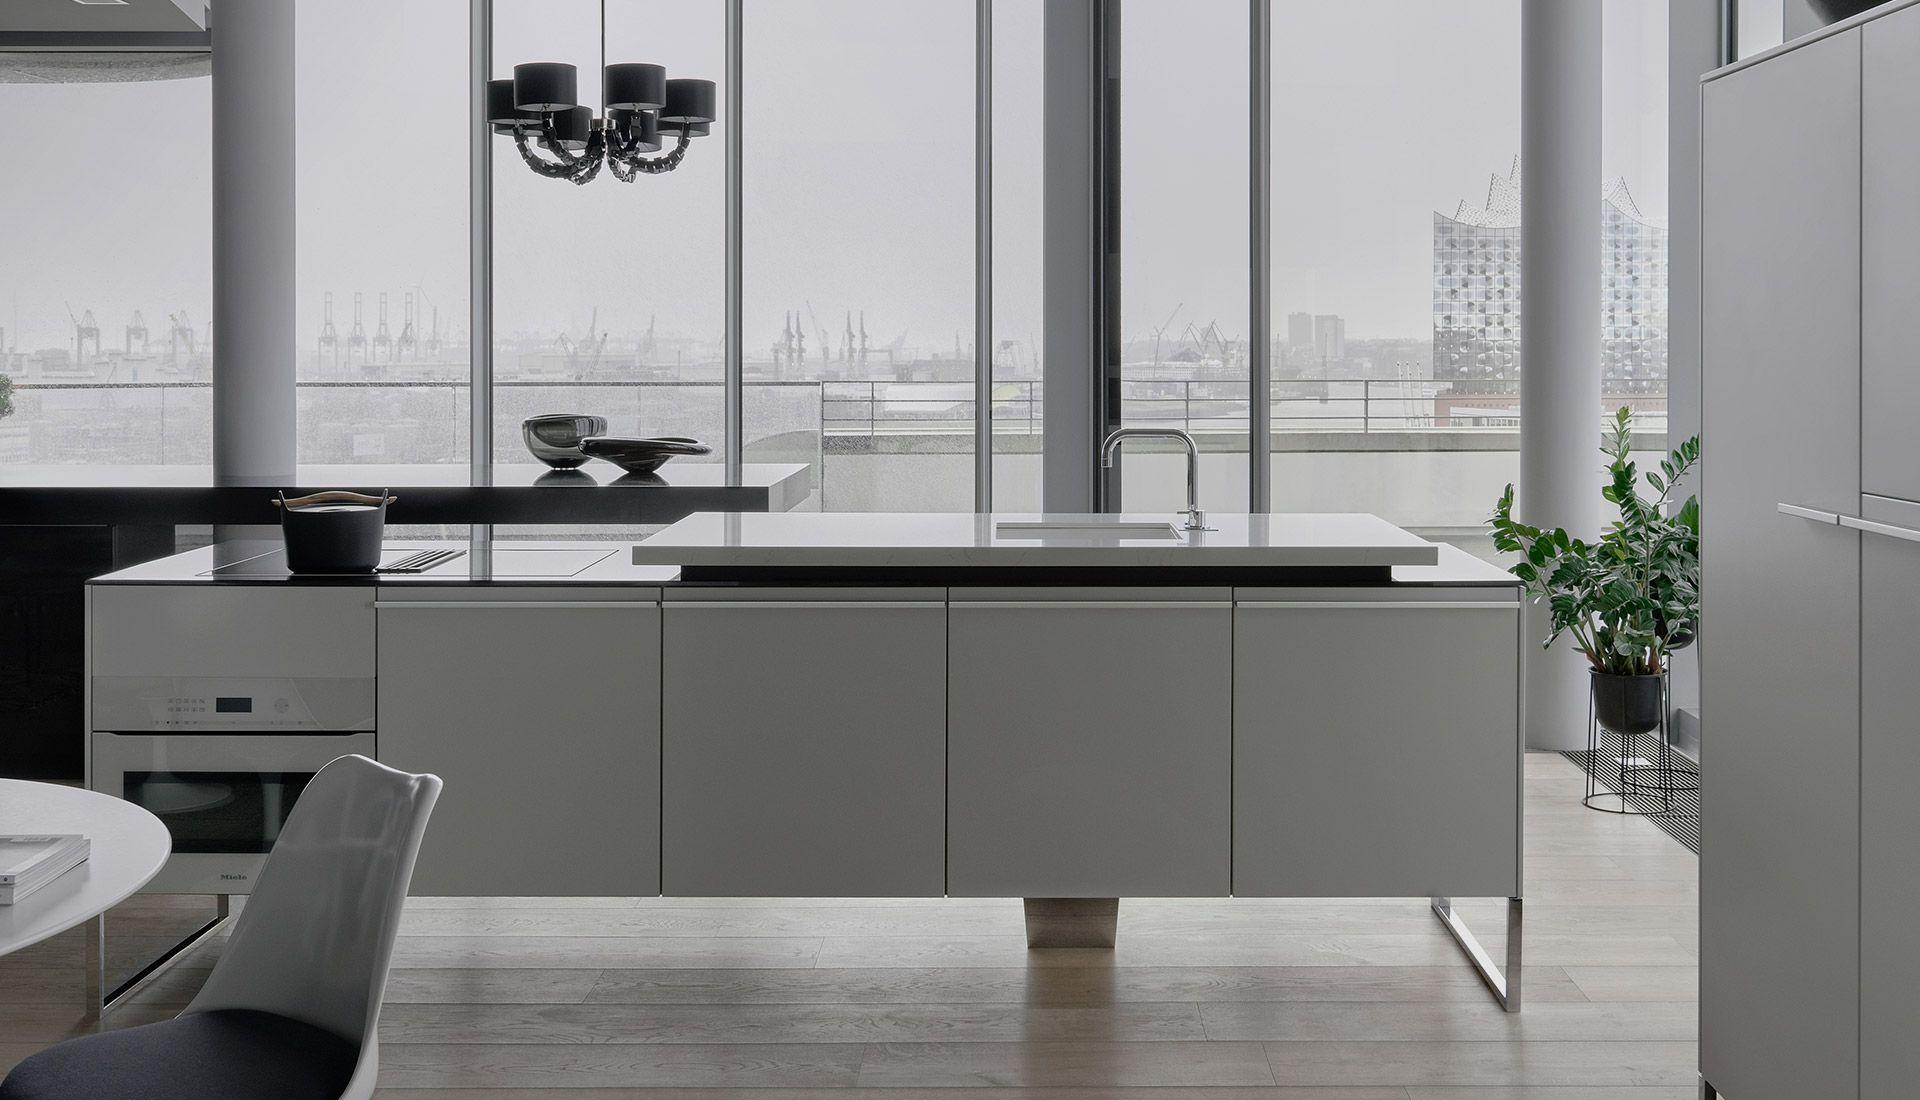 Küche +VENOVO Von Poggenpohl | Individuelles Küchendesign. Luxury, Modern,  German Kitchen Cabinetry